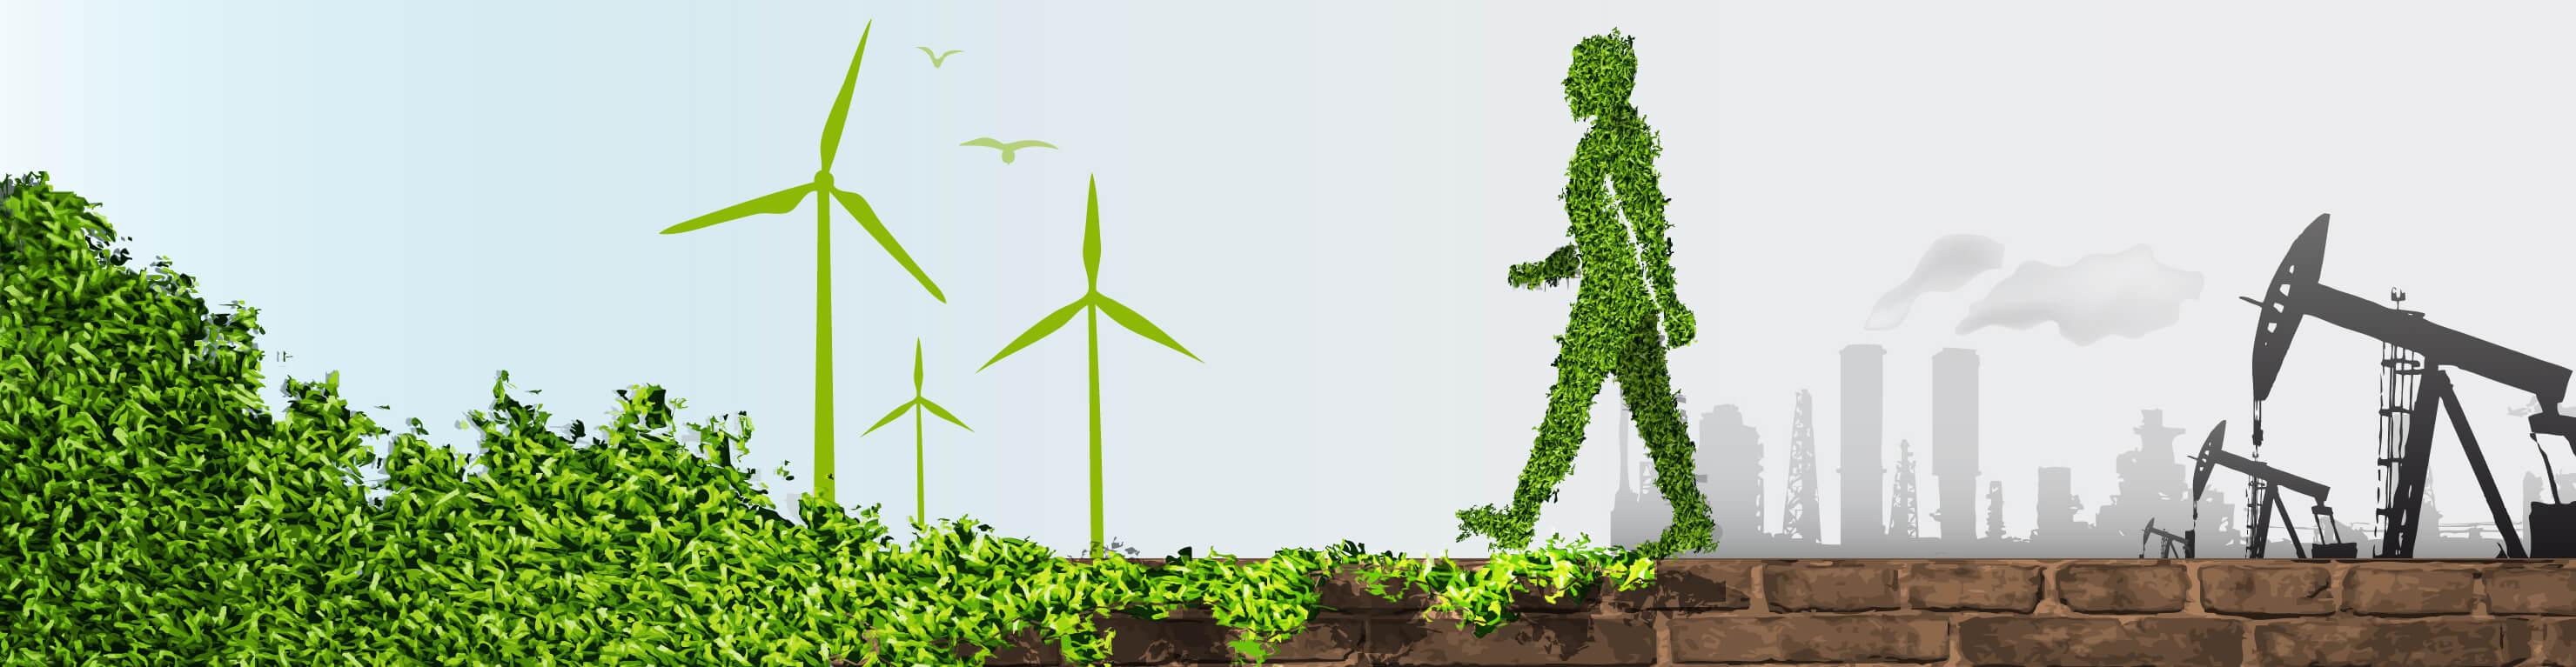 ee-consult Energieberater Vorarlberg, Energiemanagement, Energieeffizienz, Sonnenenergie